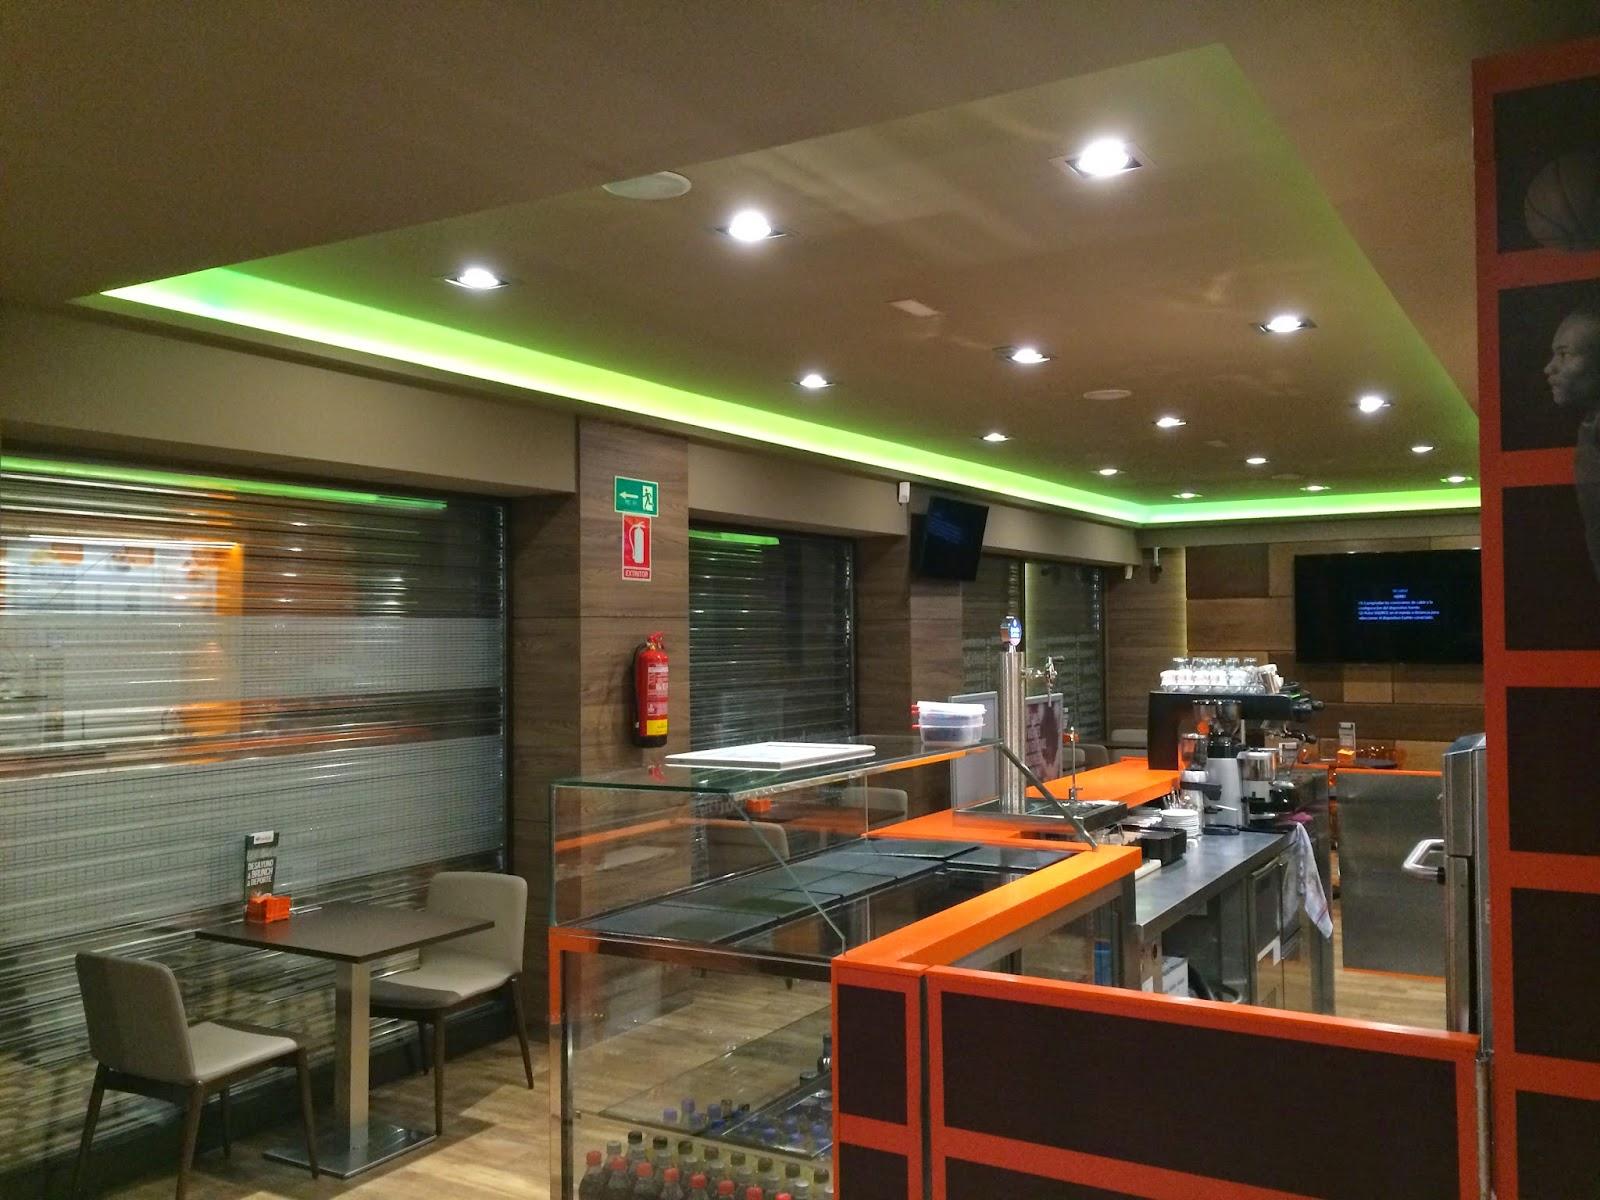 Ebled iluminacion luckia sport cafe madrid valencia sevilla iluminacion led rgb en - Iluminacion en valencia ...